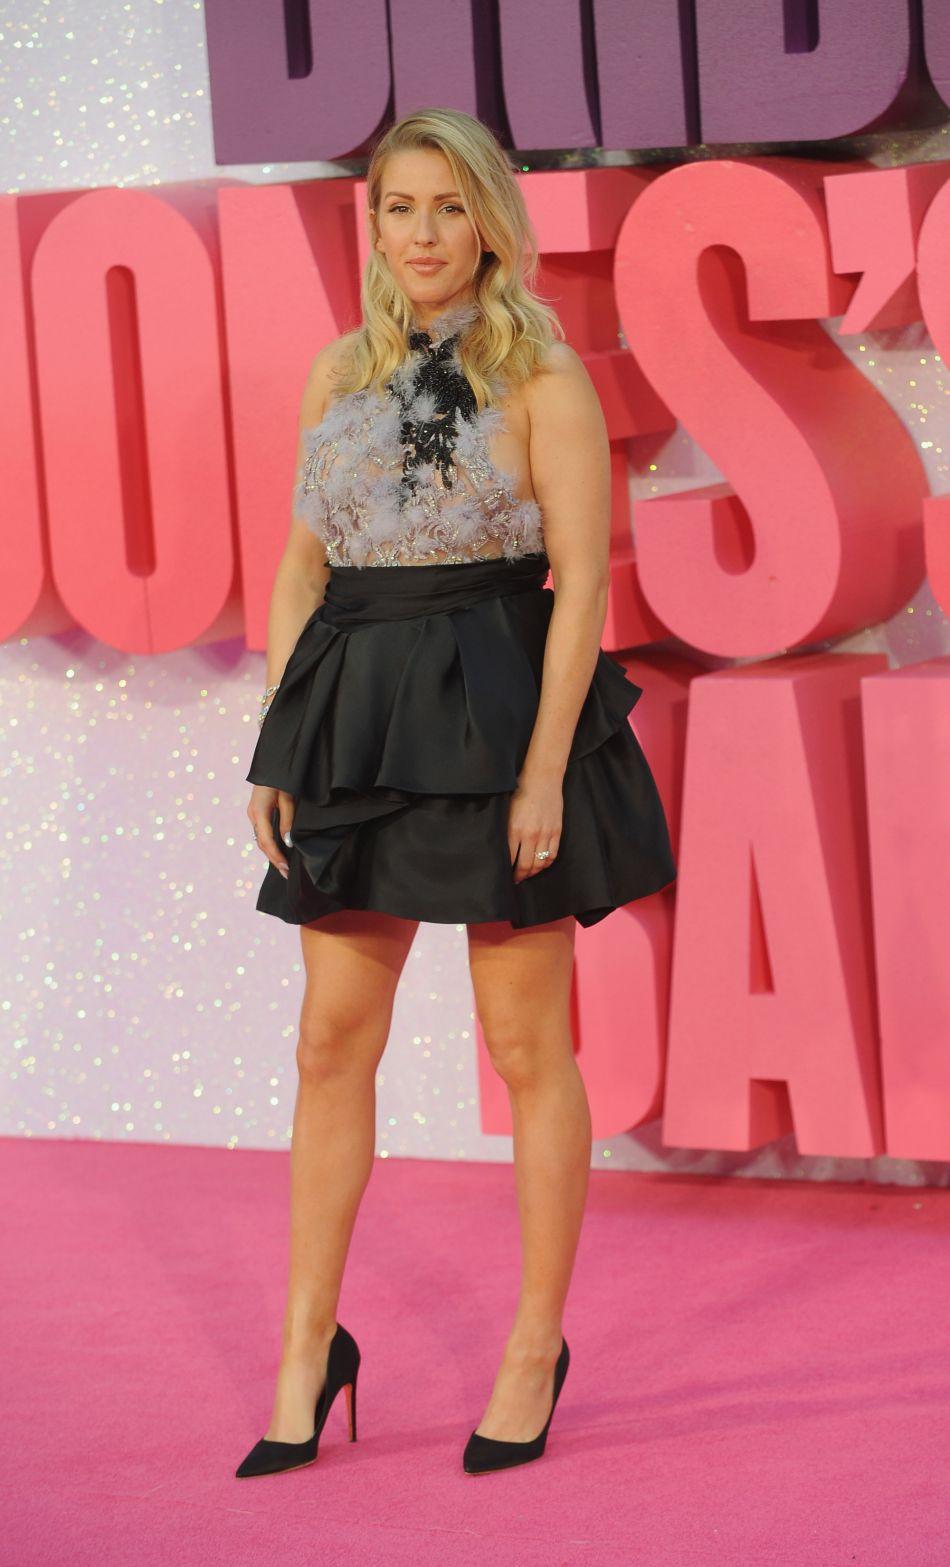 Ellie Goulding dévoile son atout charme : ses jambes parfaitement longues et bronzées.